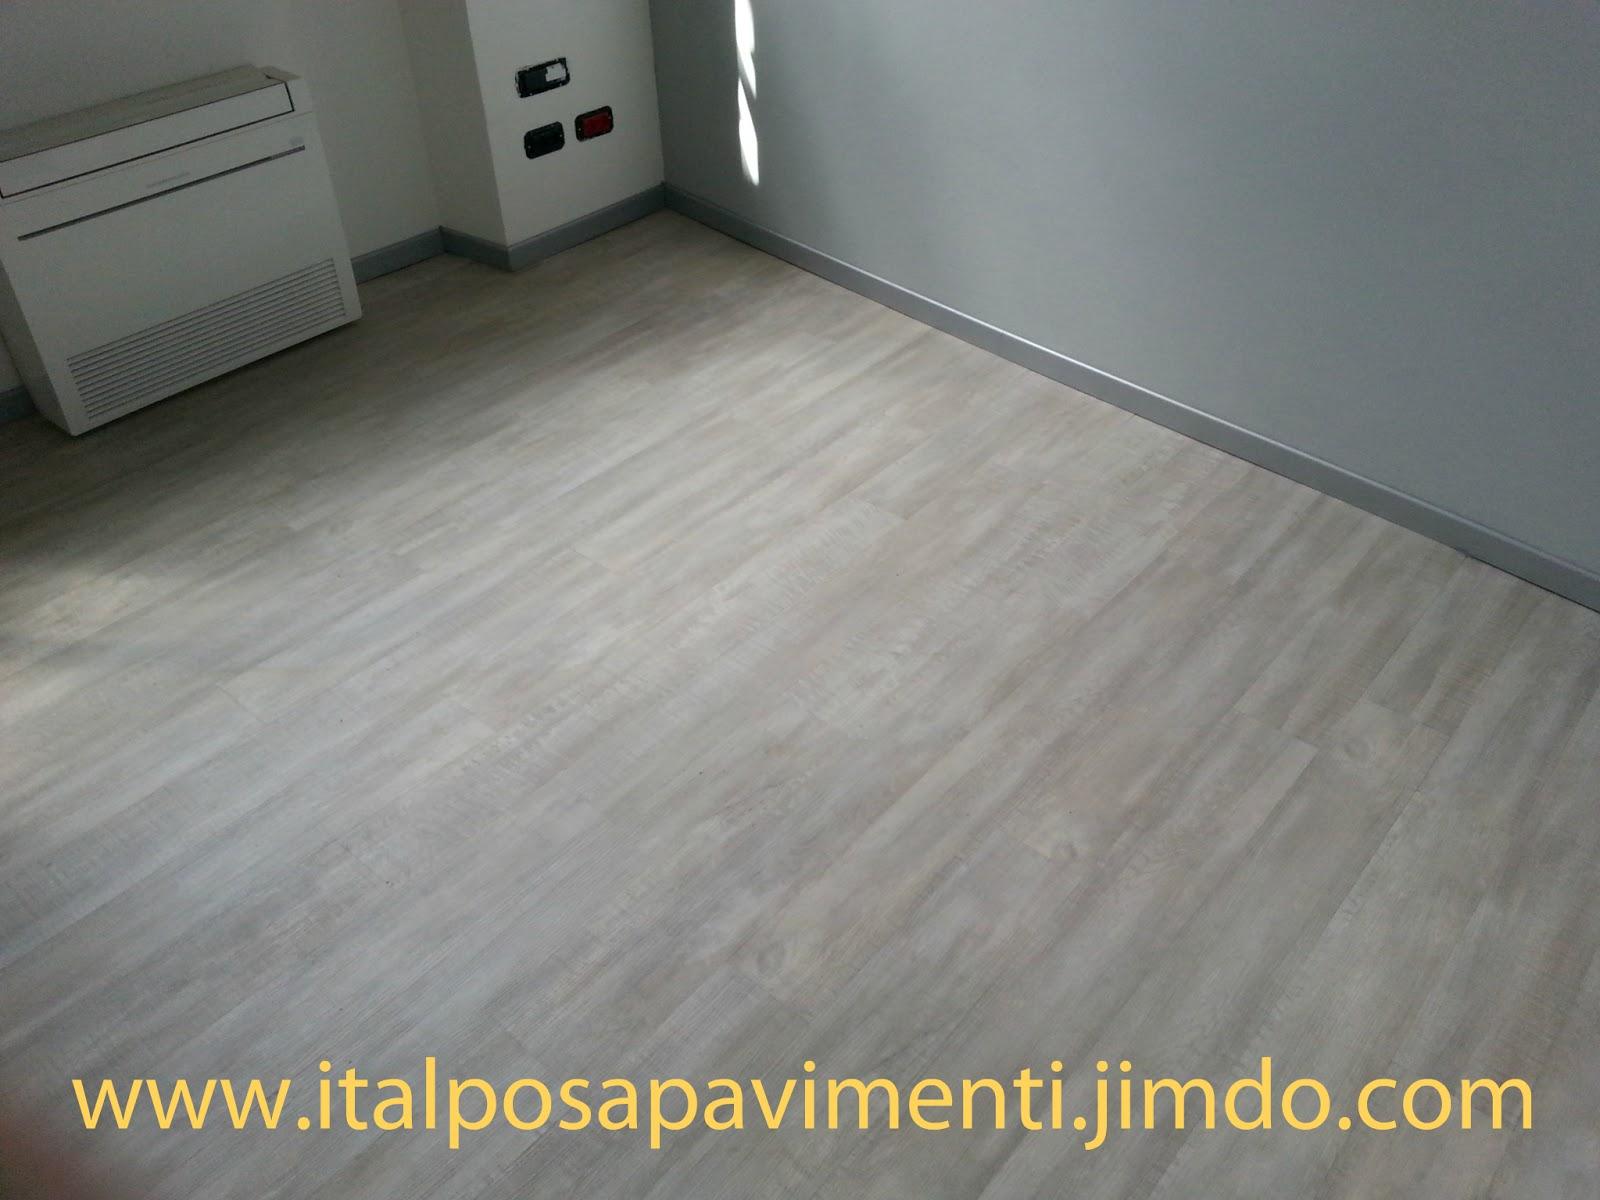 Pavimento In Pvc Effetto Legno italposa pavimenti blog: pavimenti in pvc effetto legno doghe